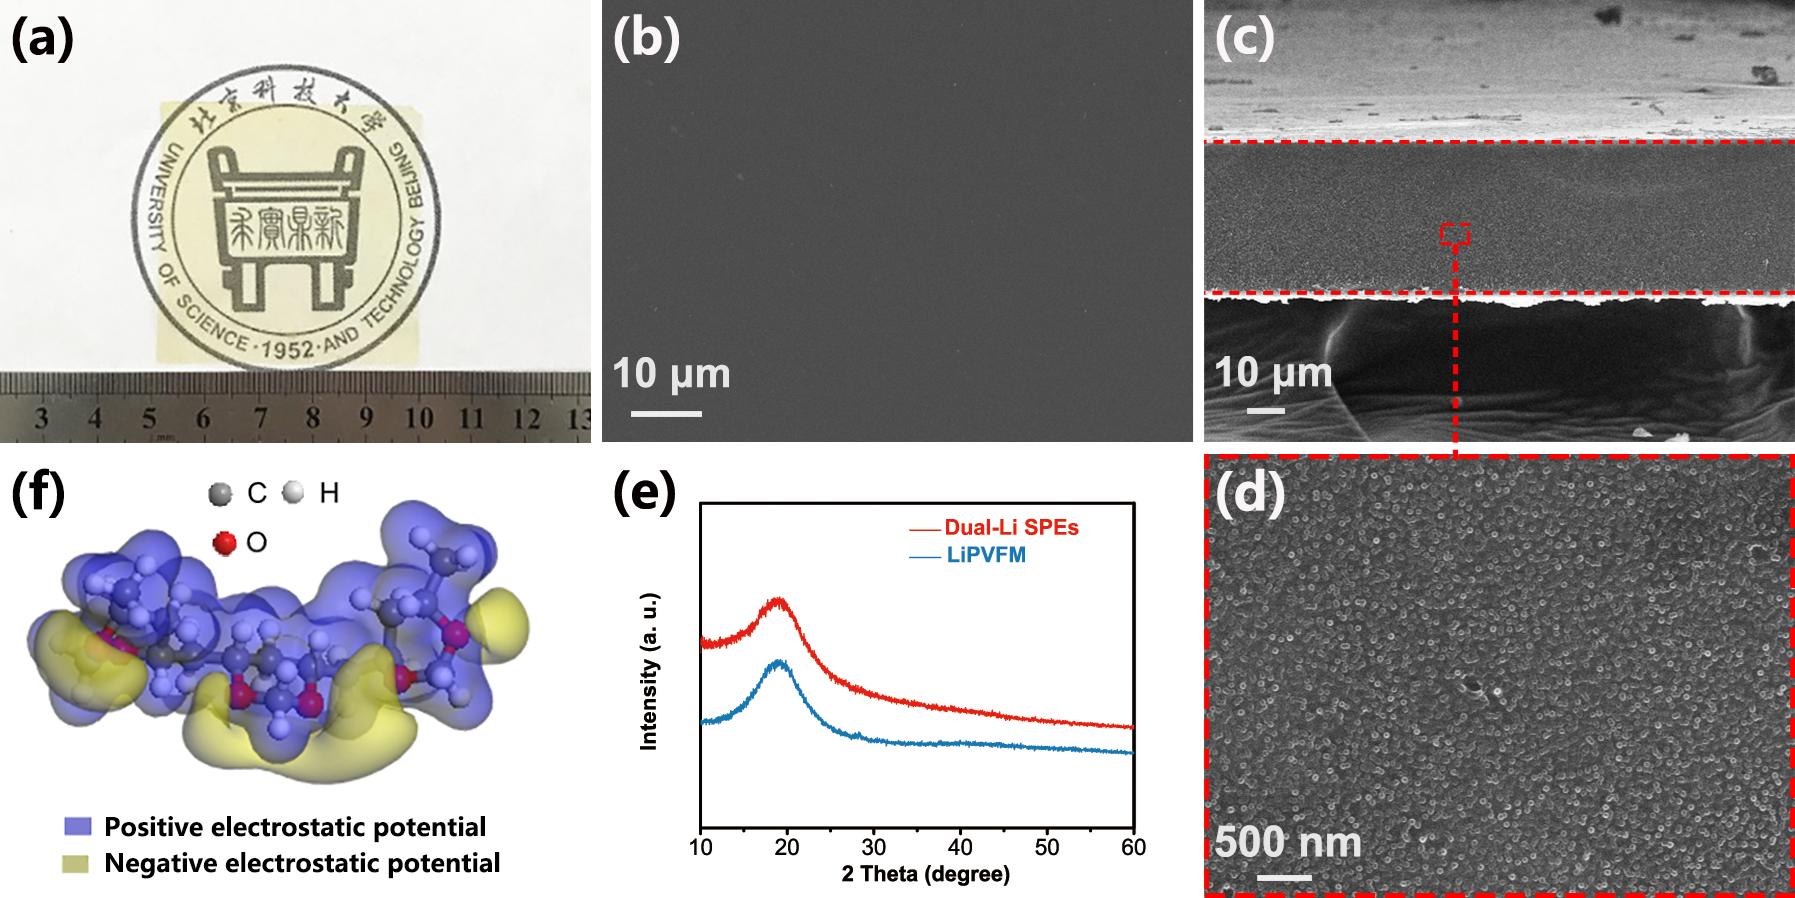 JMS膜科学--单离子导体固态聚合物电解质新进展:双锂盐型柔性电解质提高固态金属锂电池安全性